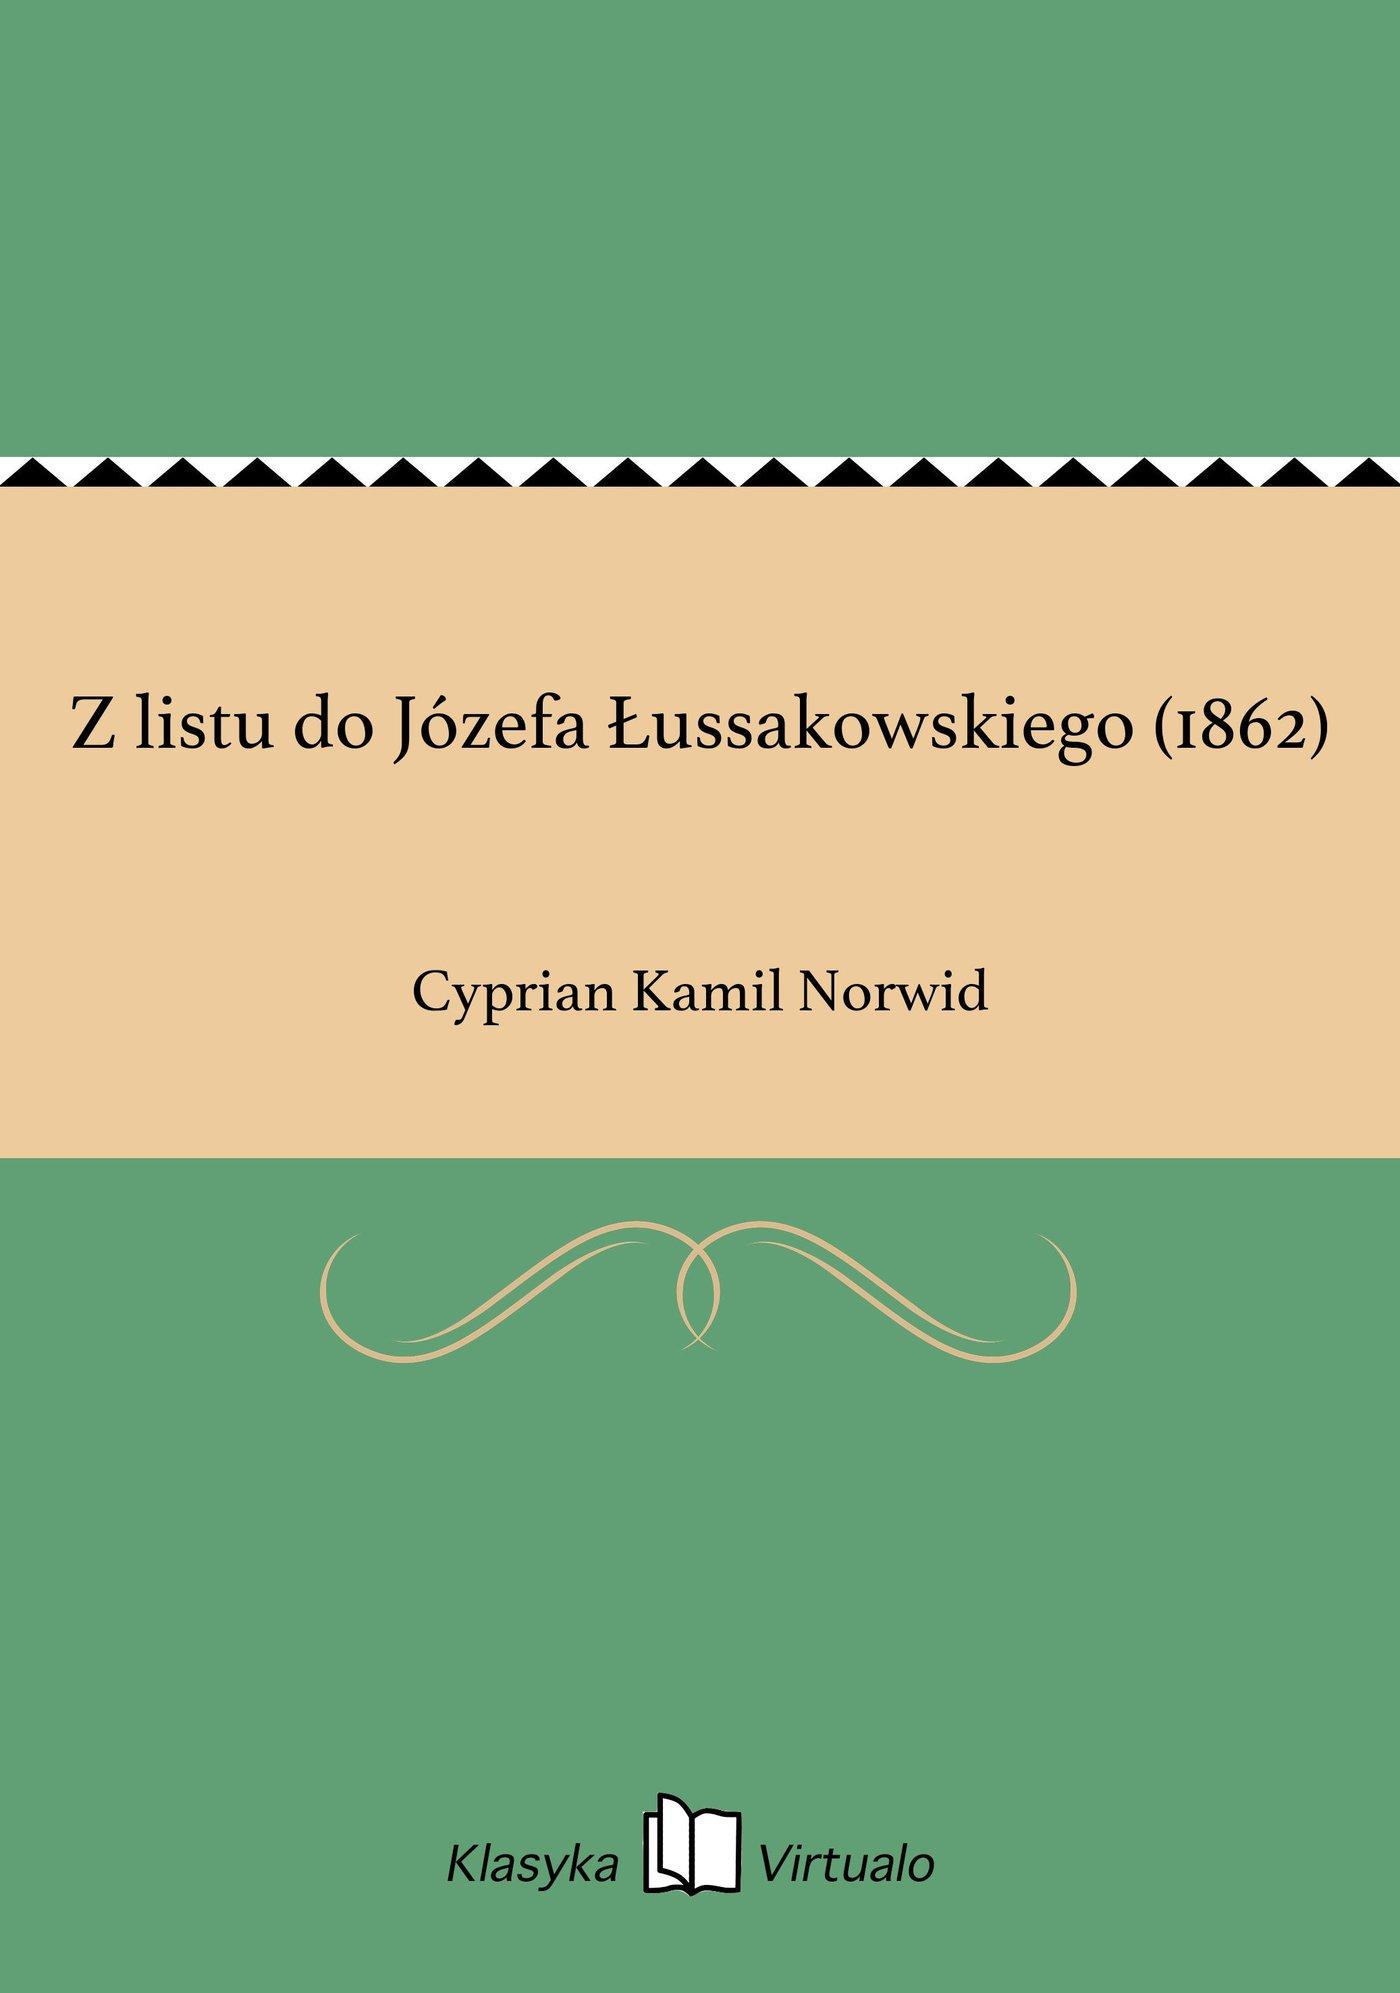 Z listu do Józefa Łussakowskiego (1862) - Ebook (Książka EPUB) do pobrania w formacie EPUB